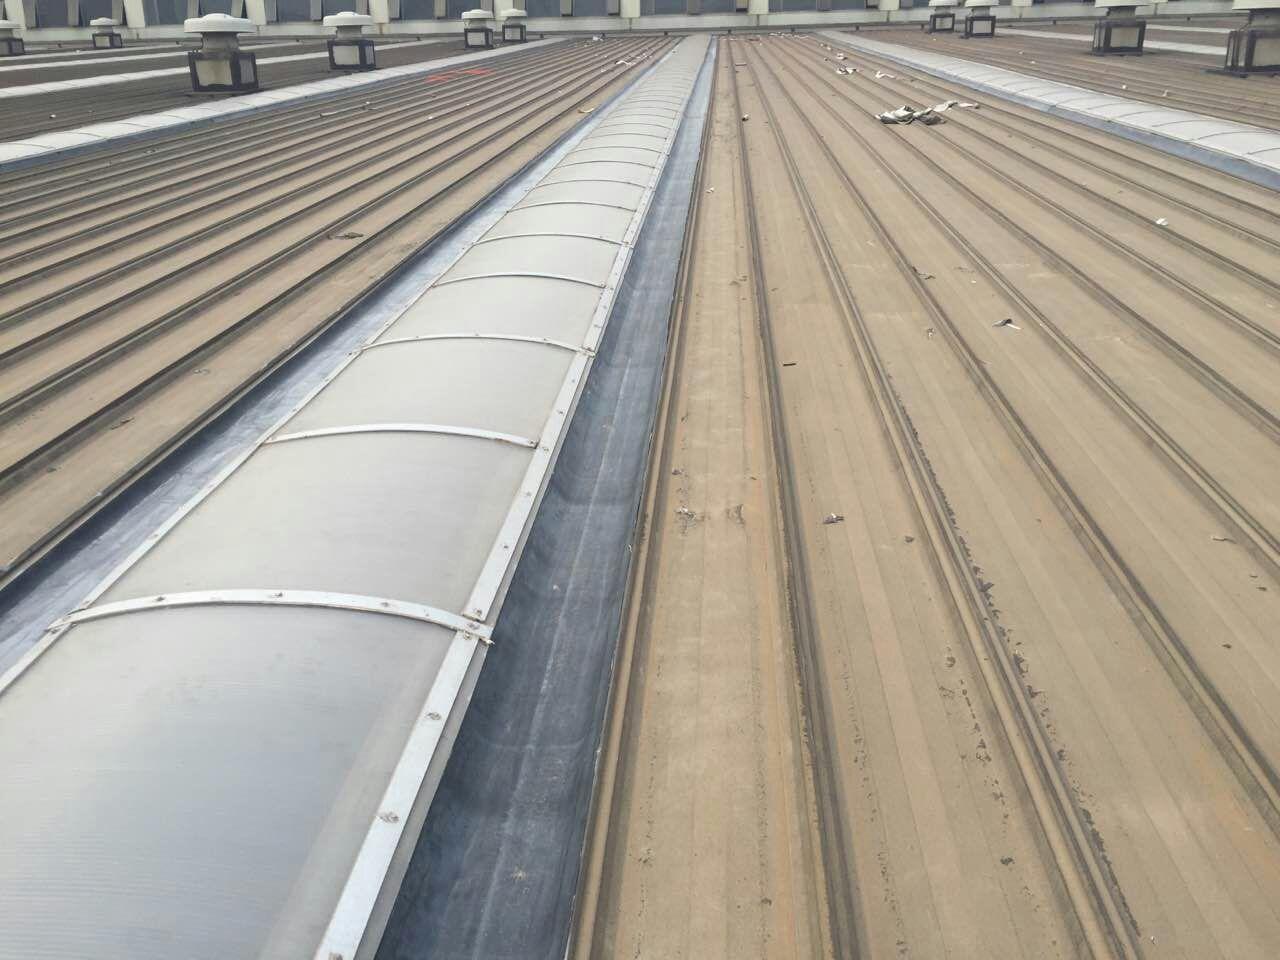 供应哈尔滨铁路丁基橡胶防水卷材